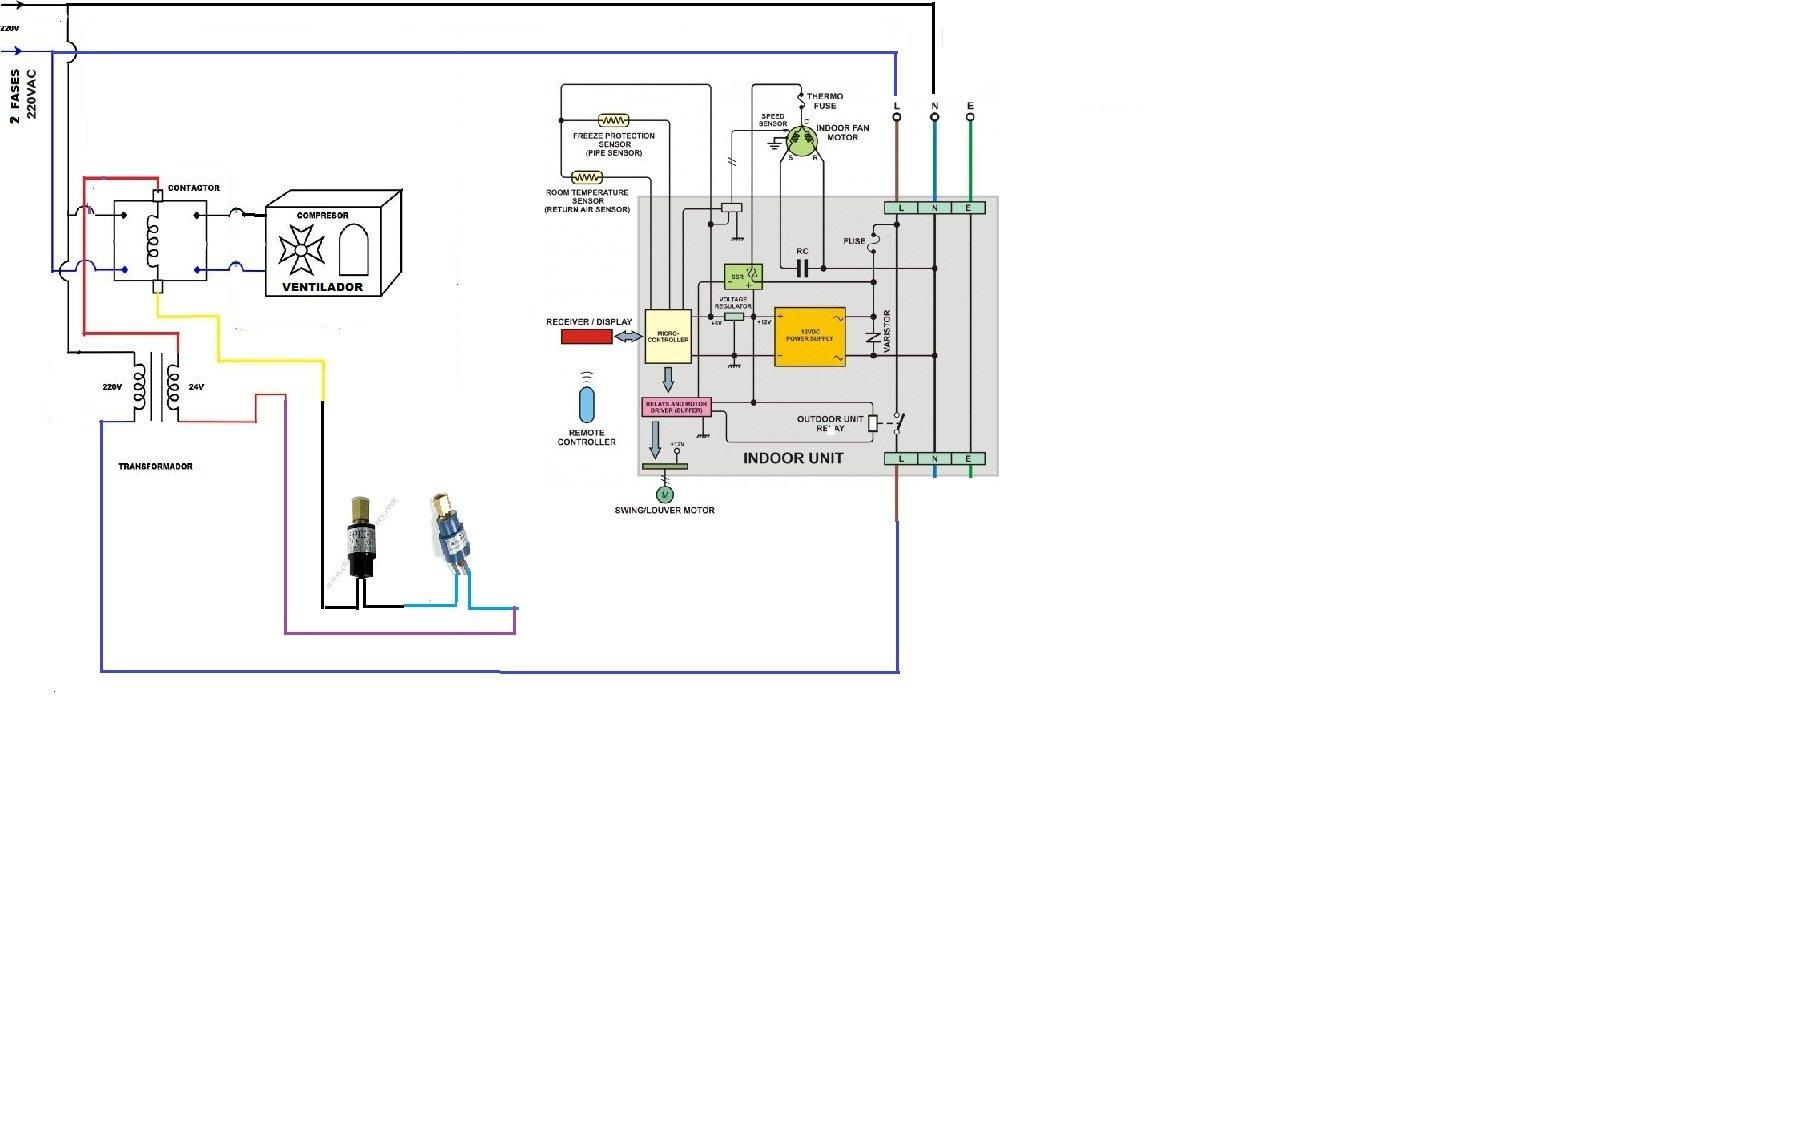 solucionado  coneccion de bomba de agua para aire acondicionado de 18000